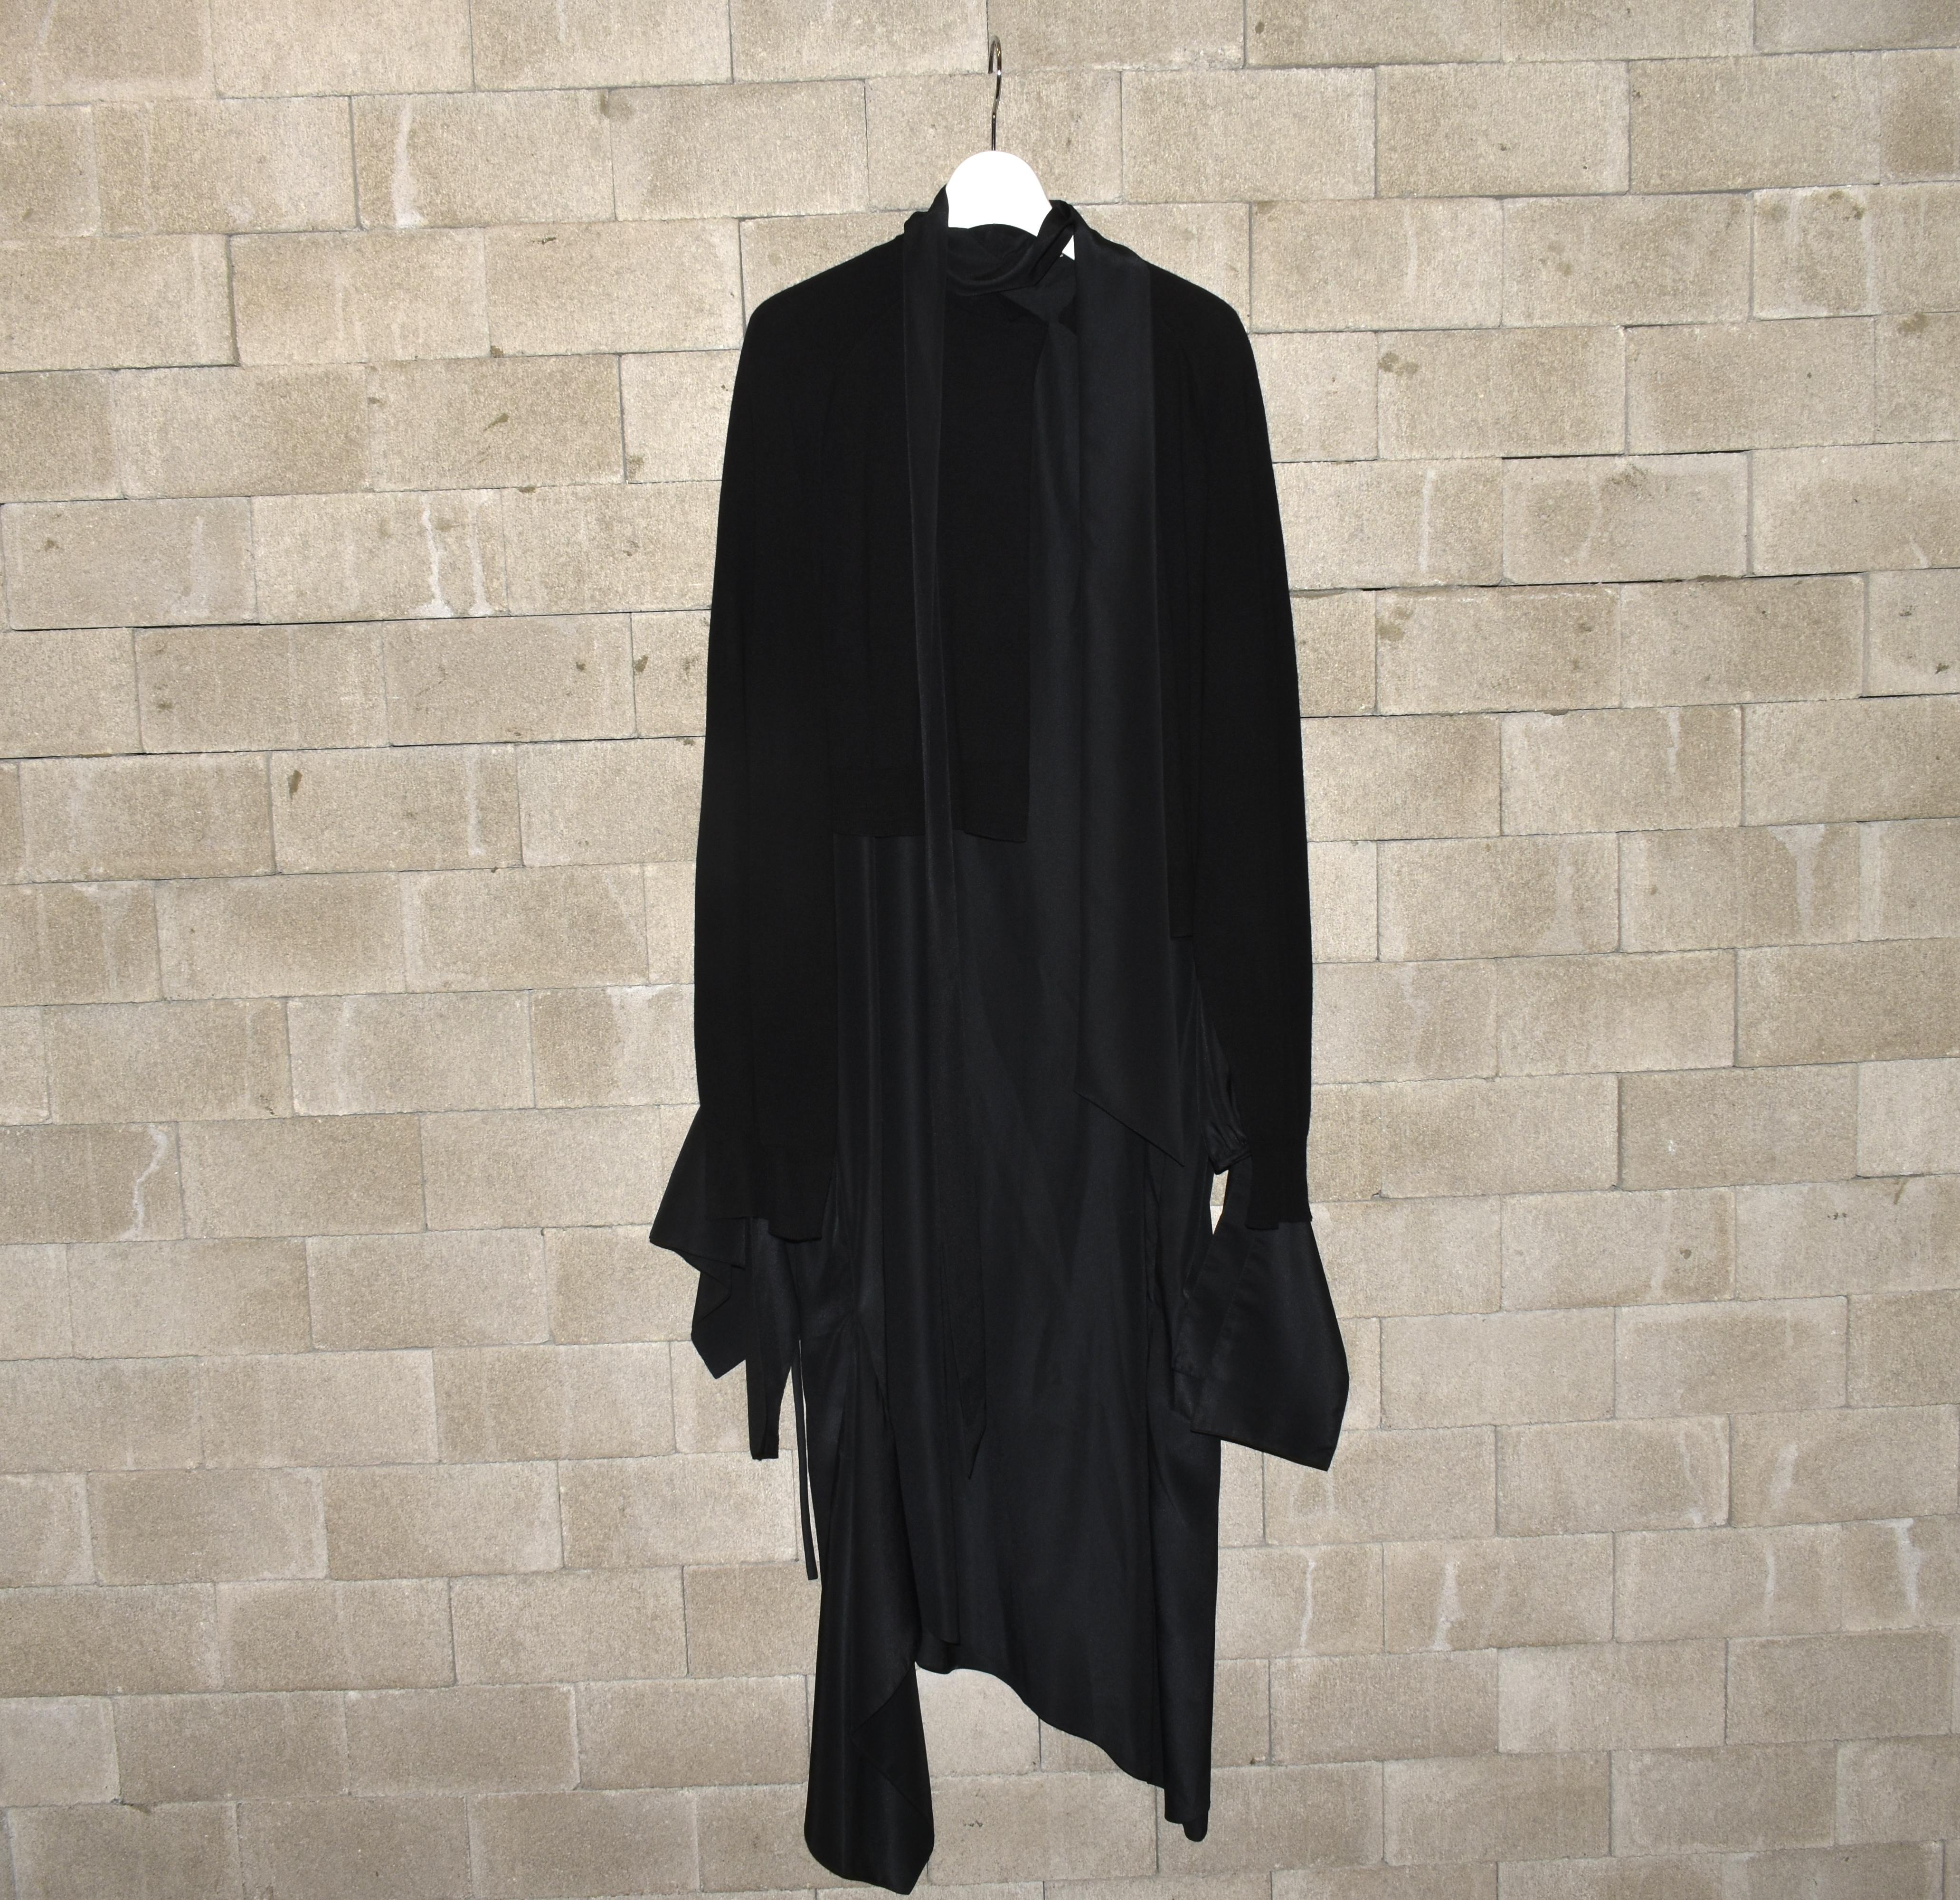 Rokh Layered Knit Dress